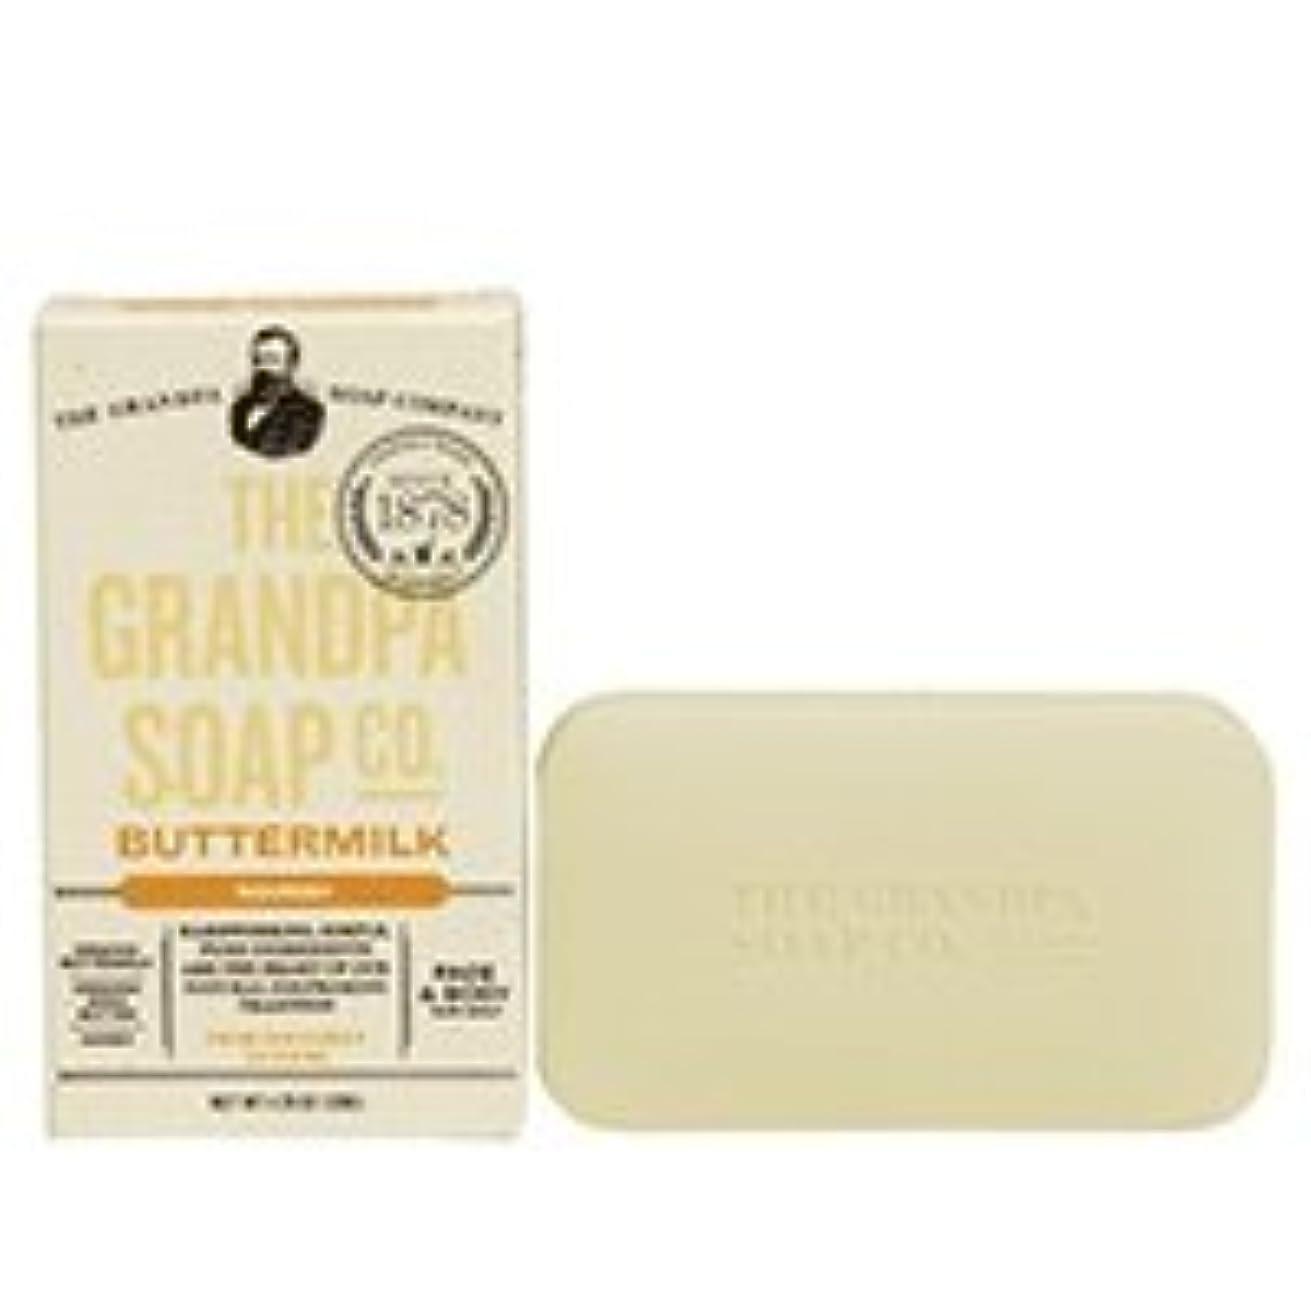 のり賛美歌わかりやすいグランパ バターミルクナリッシュソープ 3.25oz(約92g)2個